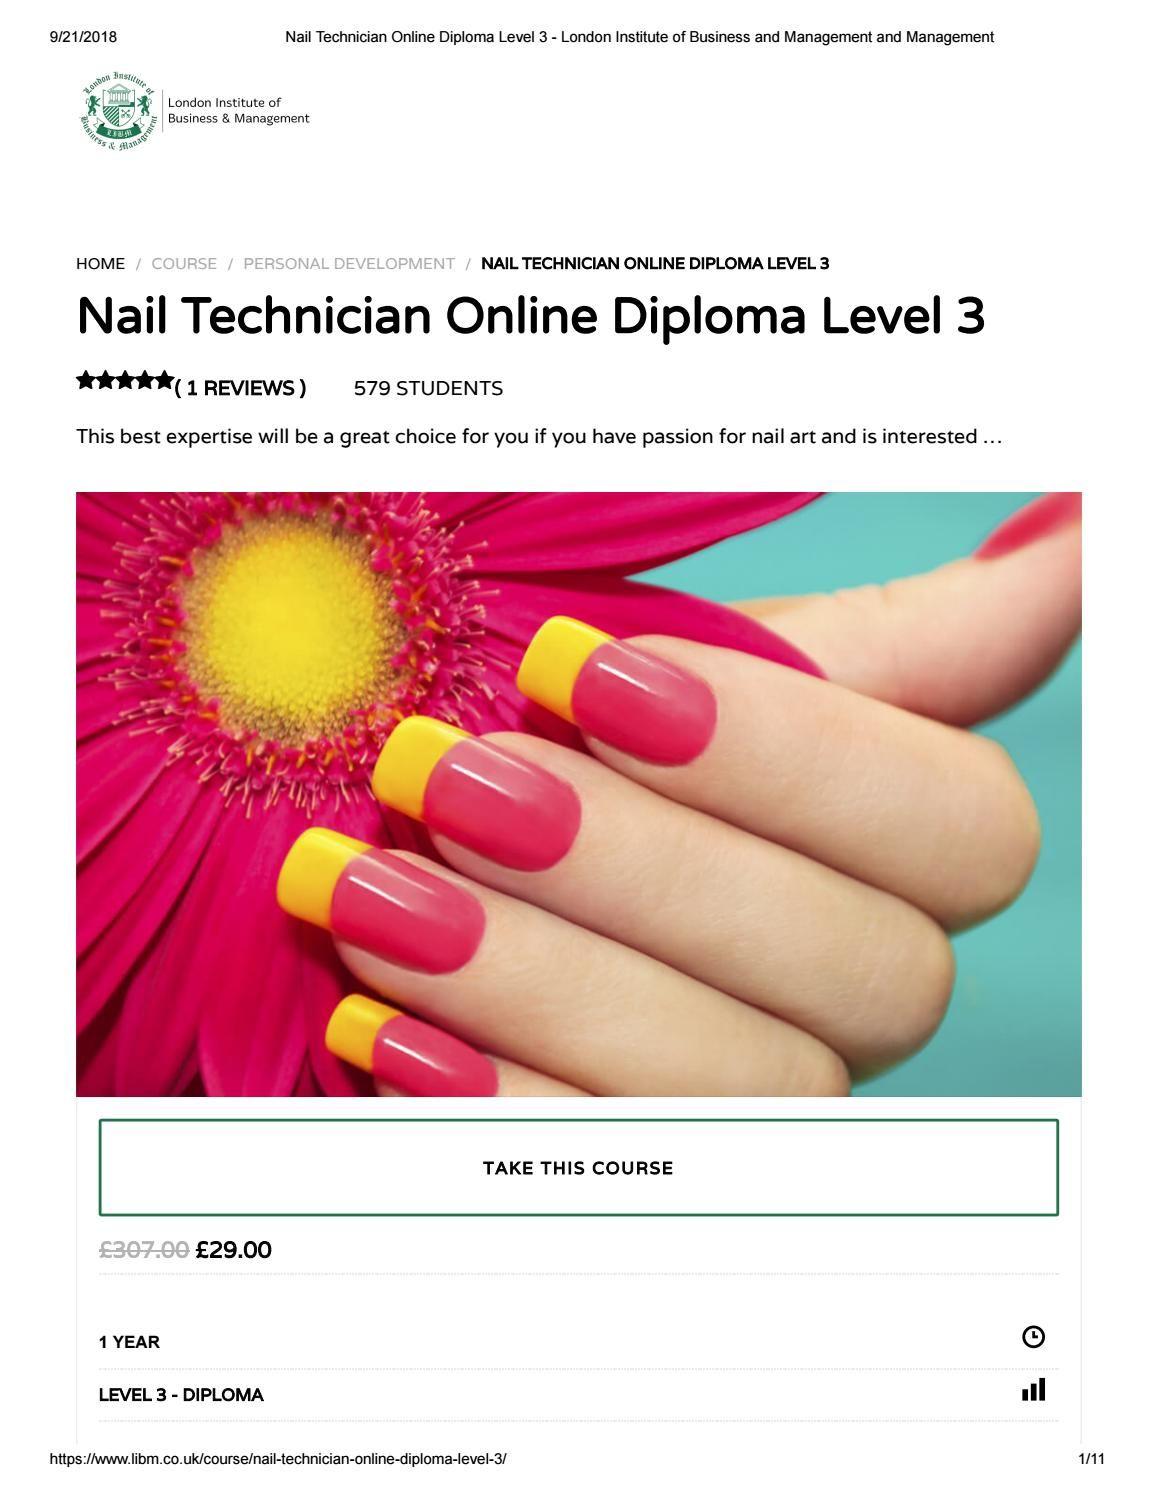 Nail Technician Online Diploma Level 3 LIBM Nail